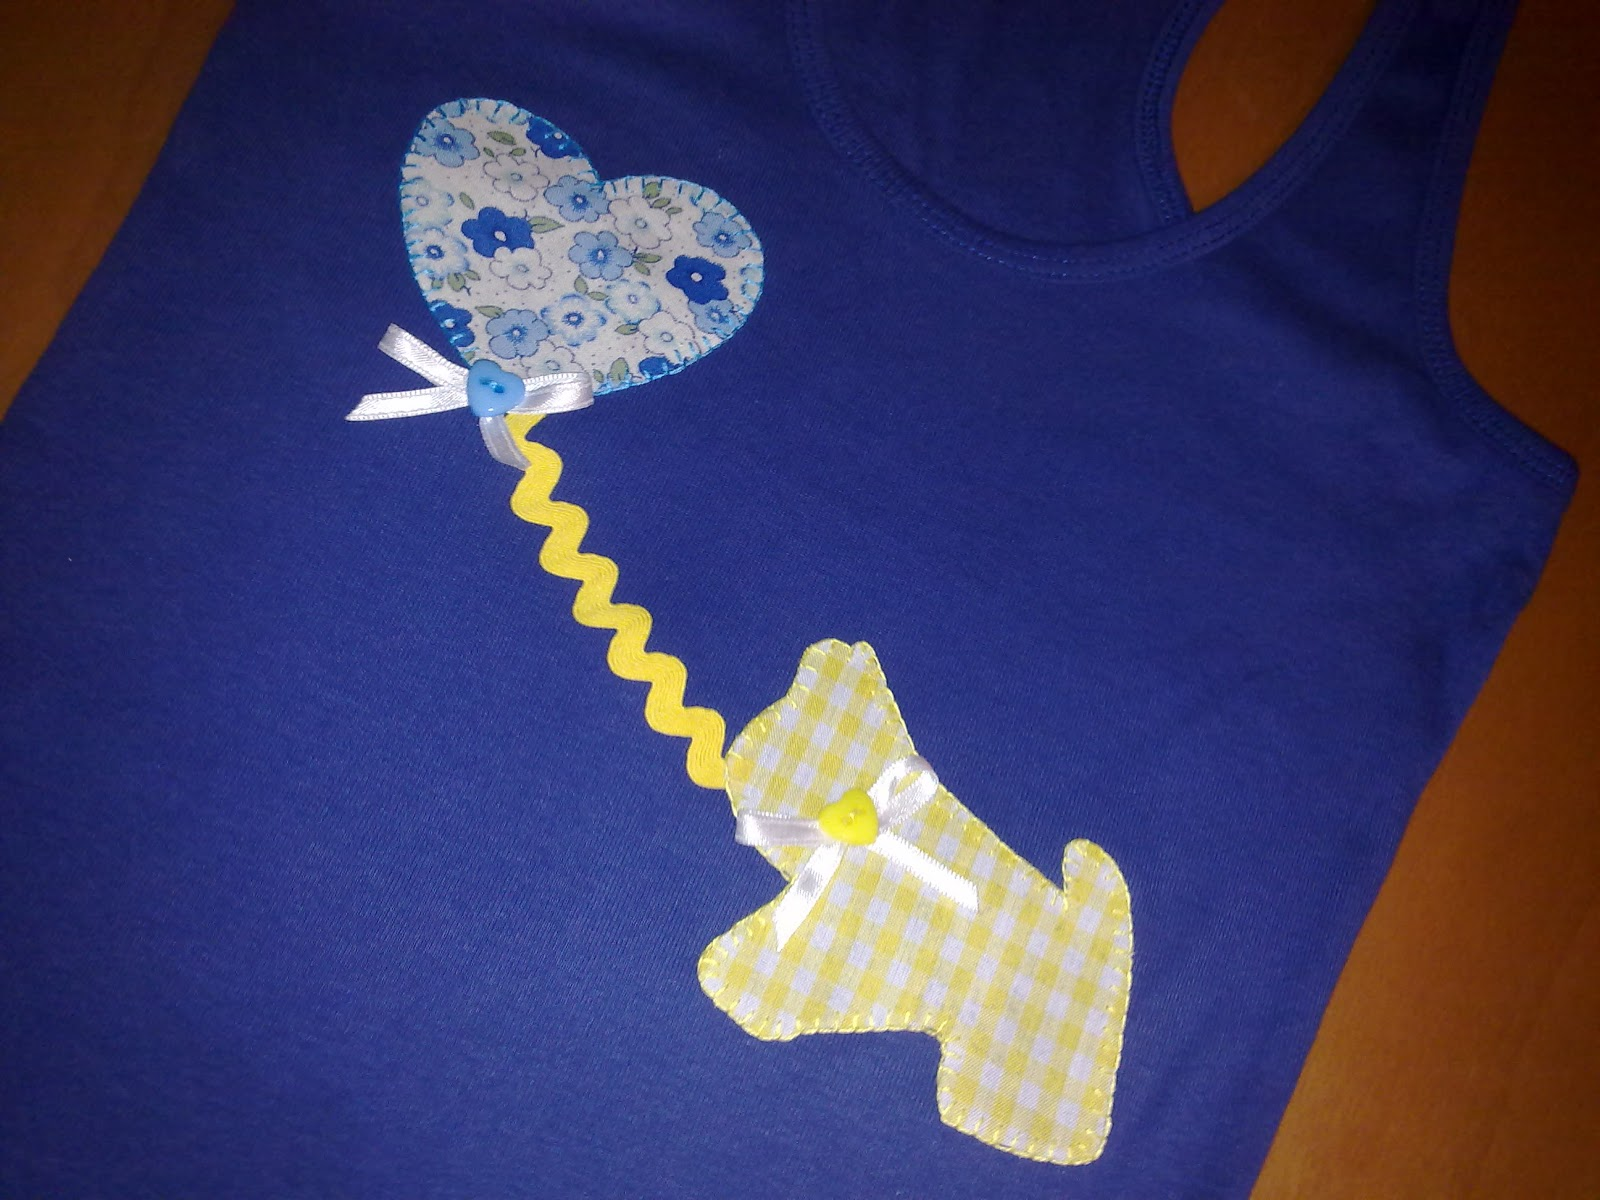 camiseta hecha a mano con detalle de perro en vichy amarillo y globo de flores azul